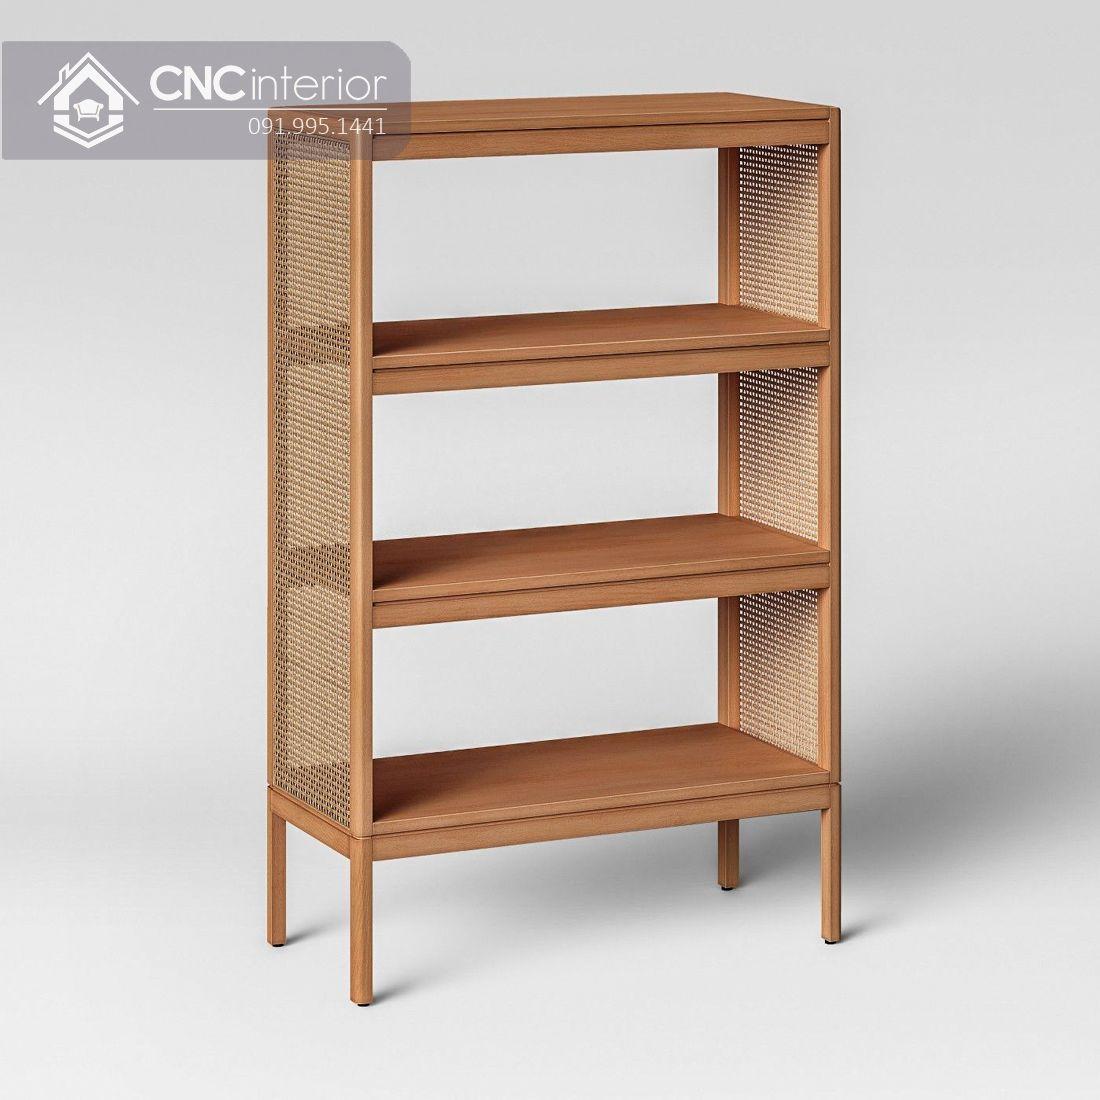 Kệ giày bằng gỗ đẹp đơn giản CNC 18